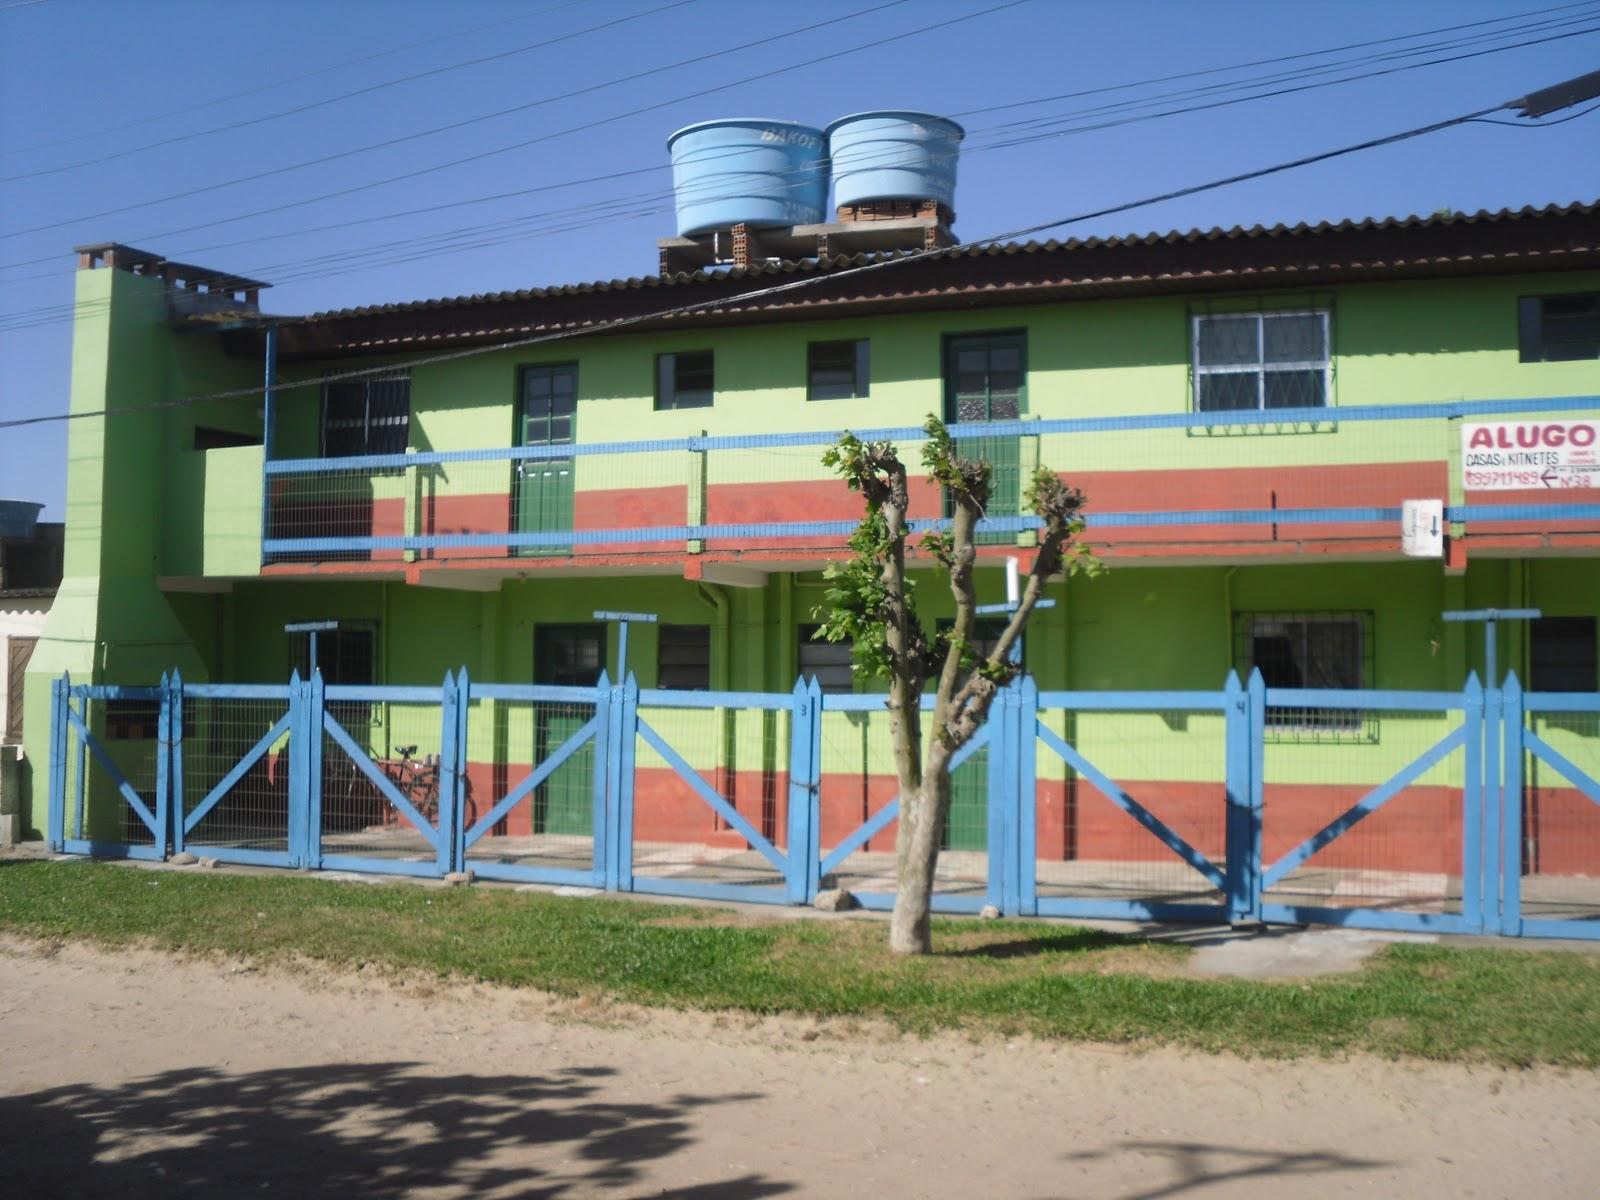 ALUGA CASSINO: Aluga temporada #2E6E9D 1600x1200 Banheiro Acessivel Completo